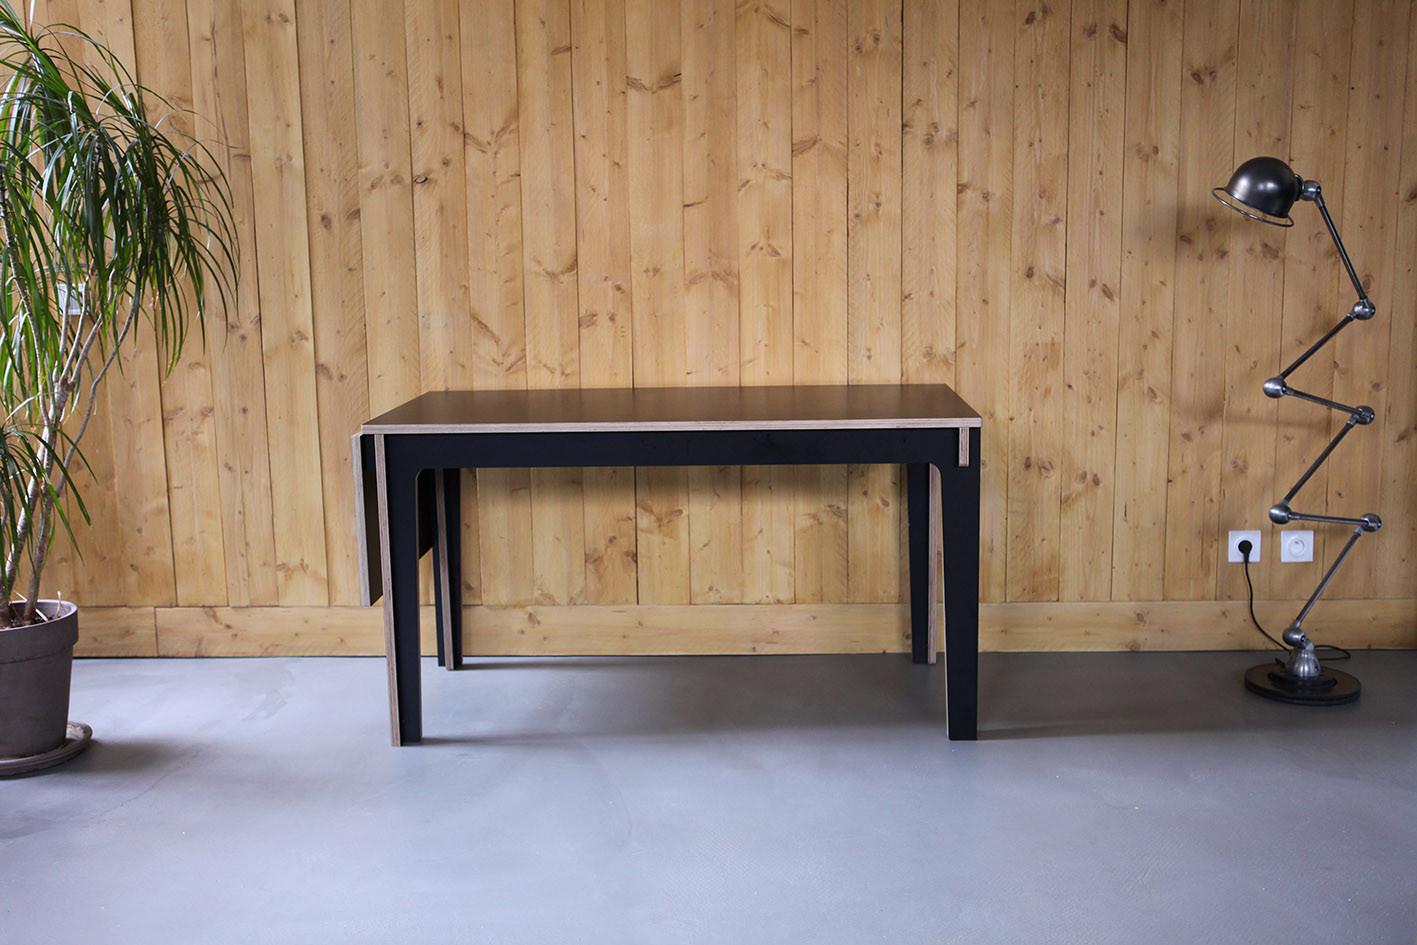 Damien-Coquet-table CNC-1.jpg